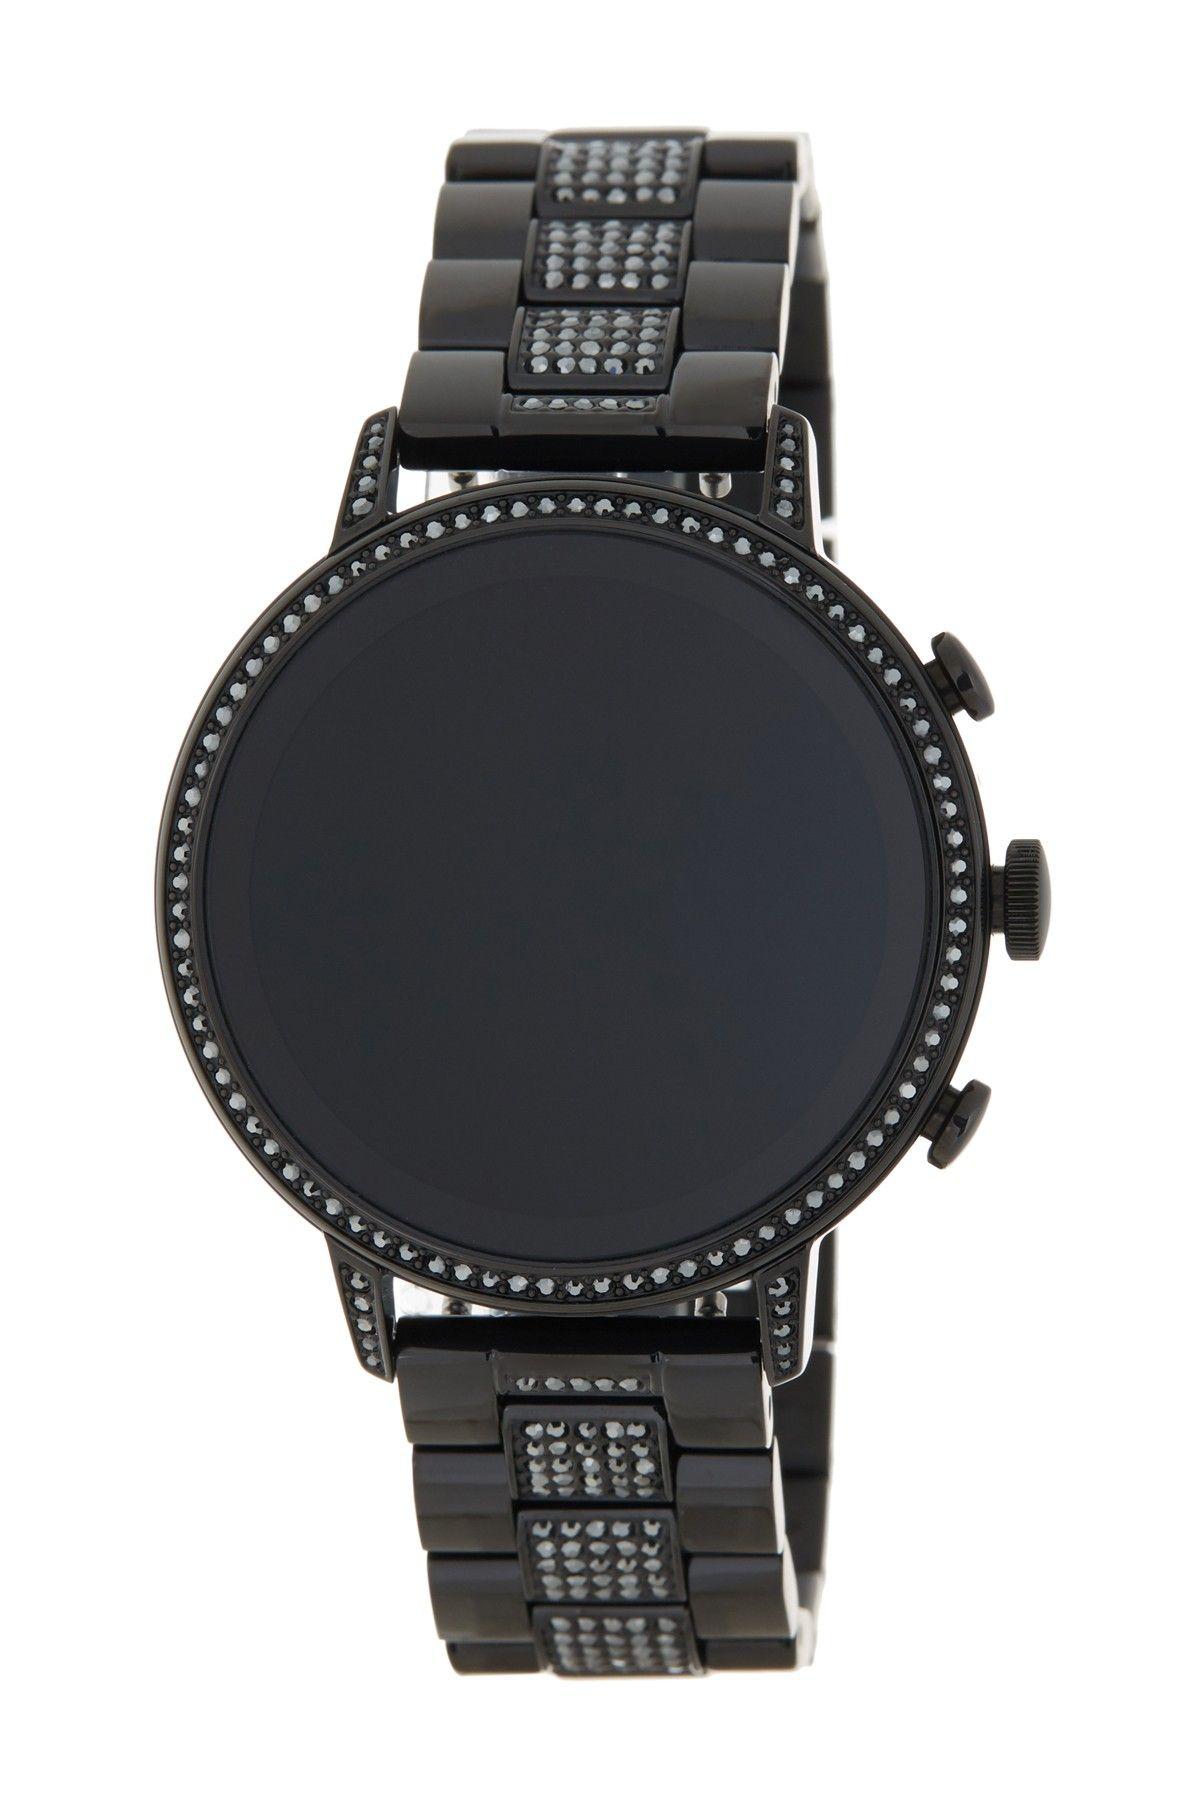 Fossil Women's Gen 4 Smartwatch, 42mm Sponsored , Ad,